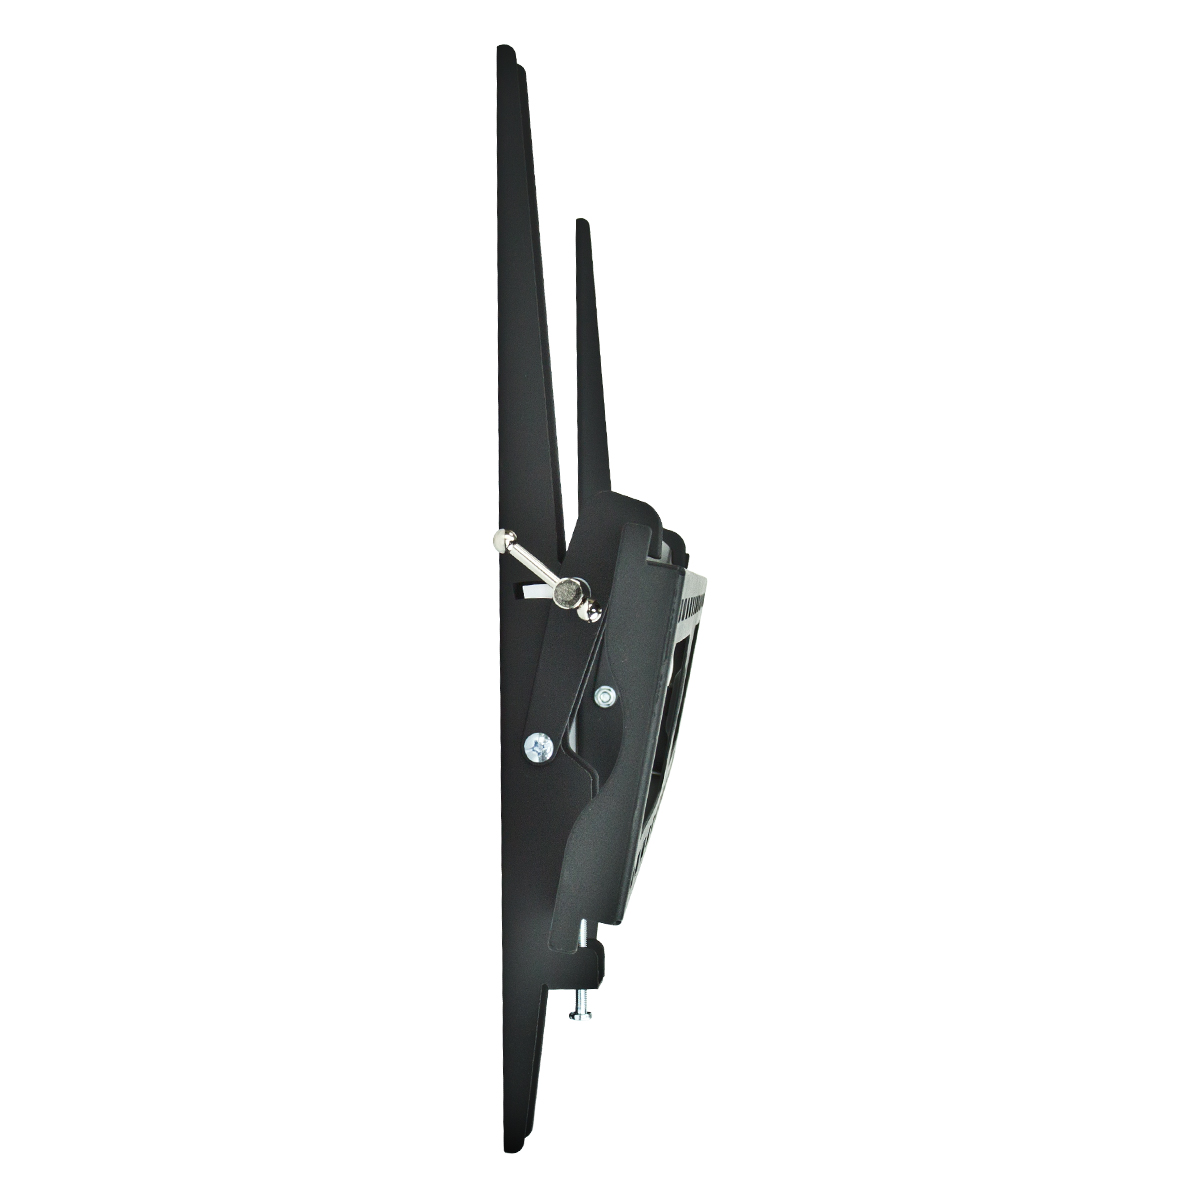 vizio lcd led tv tilt wall mount bracket hdmi 32 37 40 42 46 47 50 52 55 inch ebay. Black Bedroom Furniture Sets. Home Design Ideas